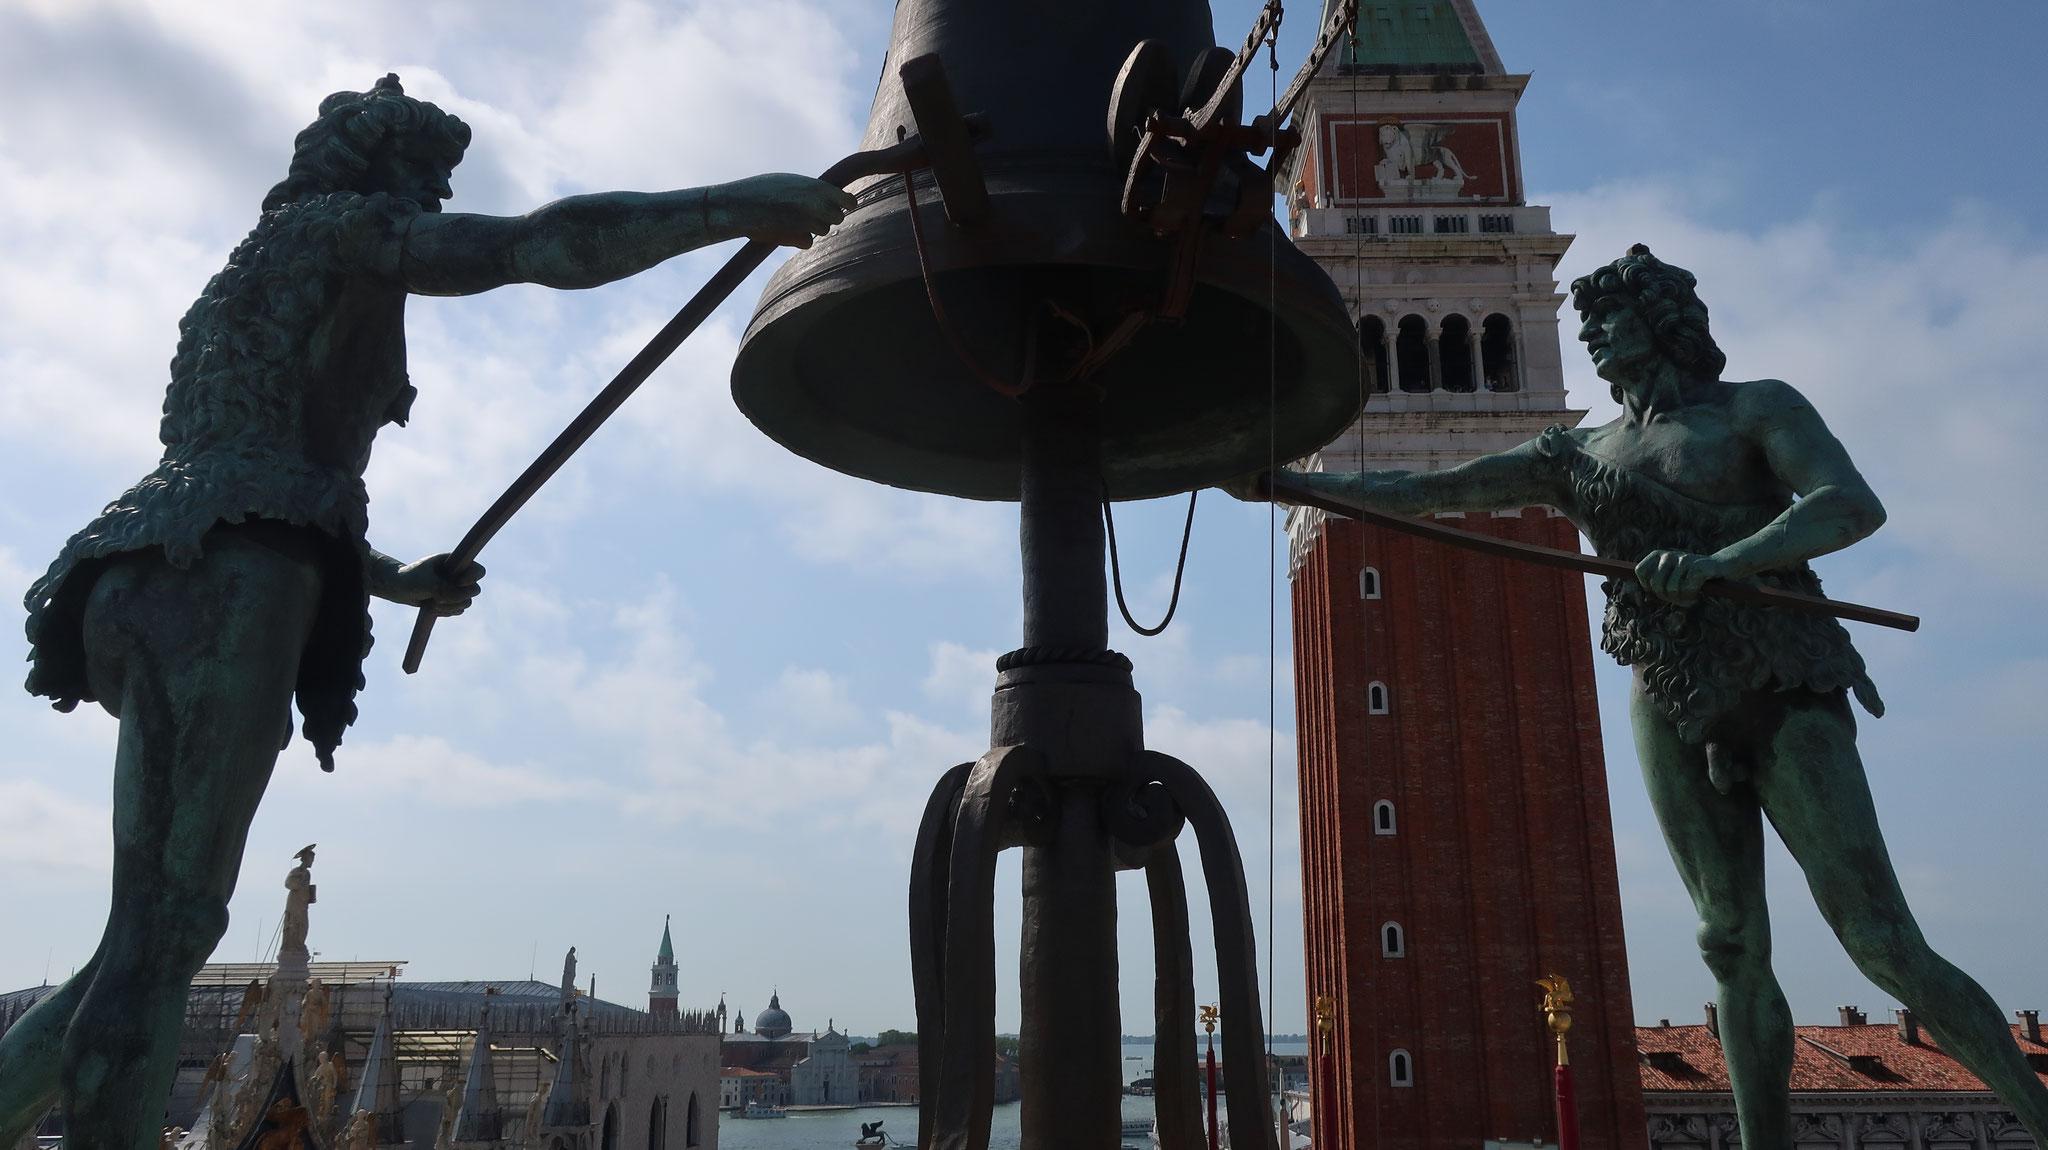 時計塔の屋上で鐘を鳴らす二人のムーア人(アフリカ系イスラム教徒)の銅像。そのため、「ムーアの時計塔」とも呼ばれますが、本当はムーア人ではなく、羊飼いがススで黒くなっただけだそうです。